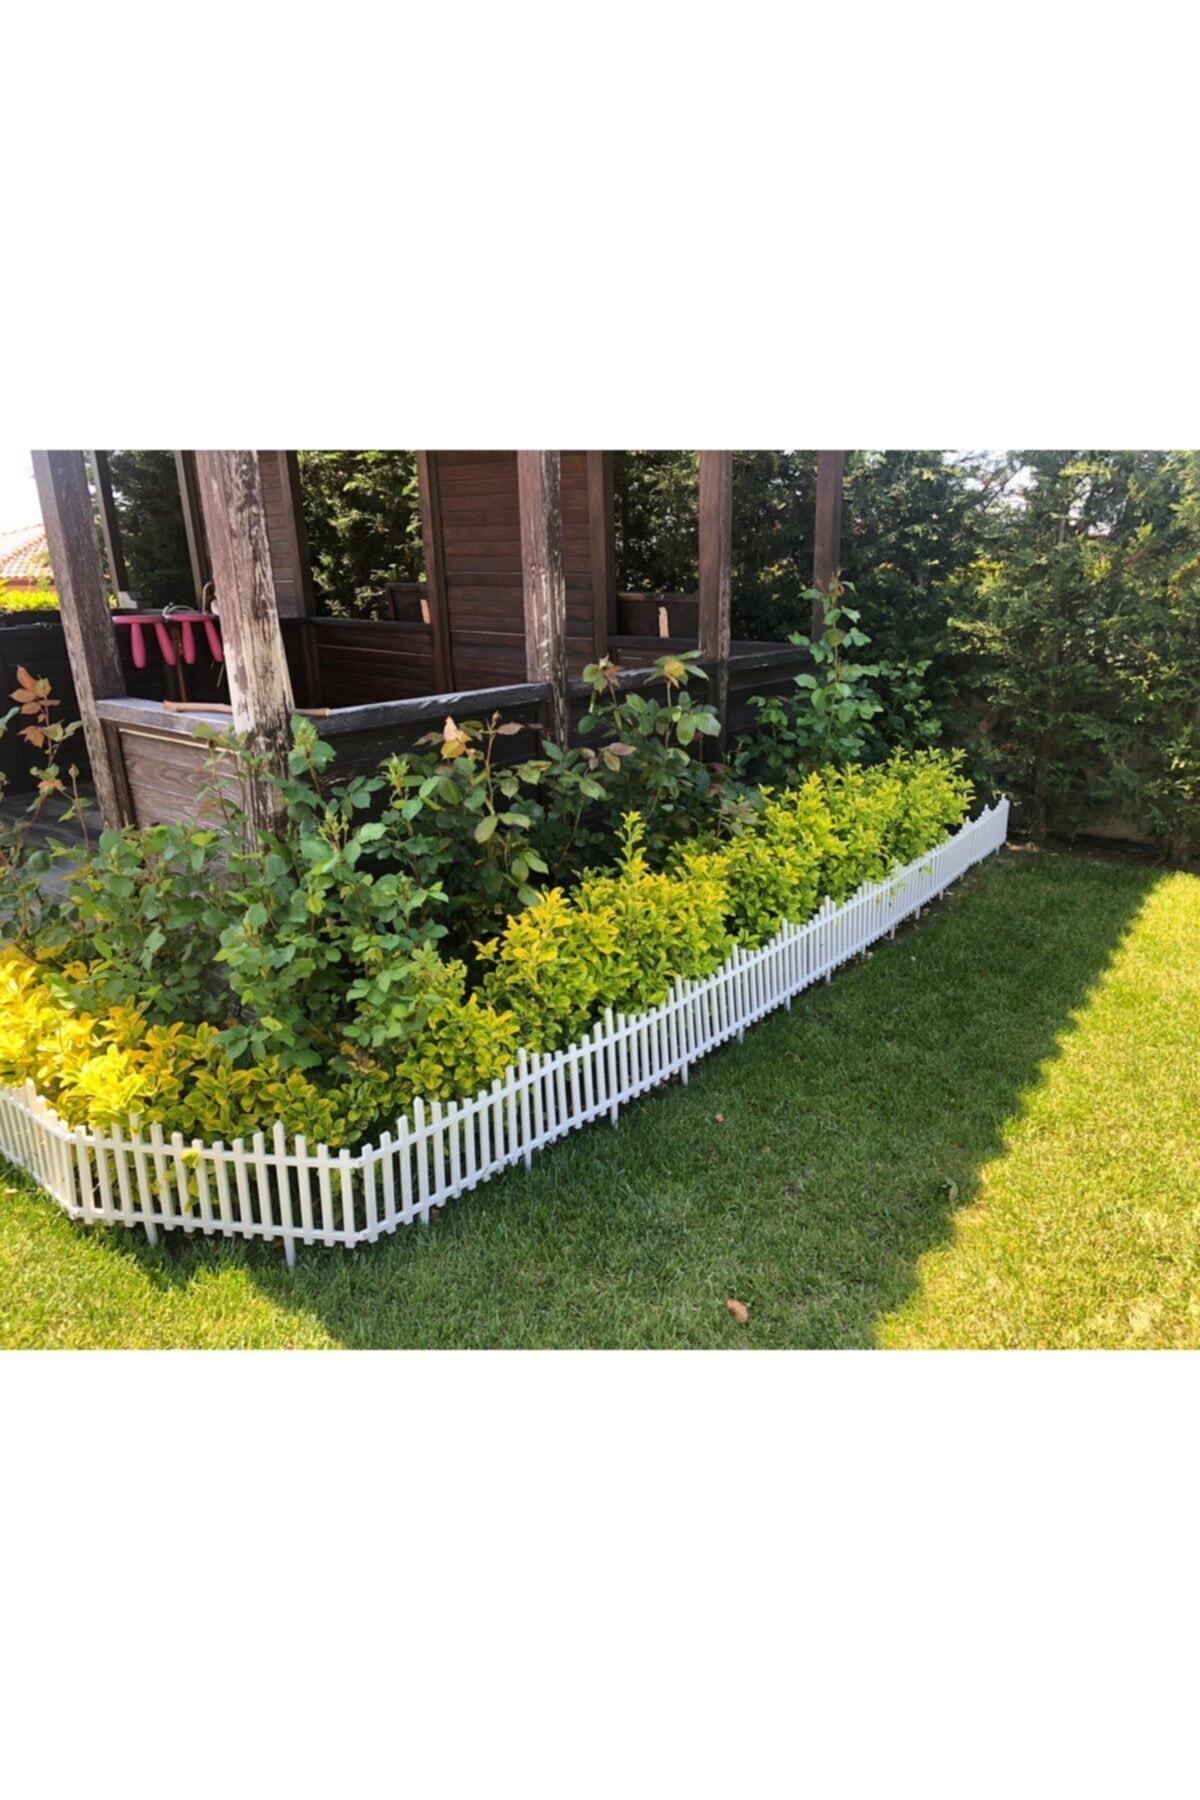 Beyaz Bahçe Çiti Dekoratif Plastik Bahçe Çiti Peyzaj Koruma Paneli Beyaz